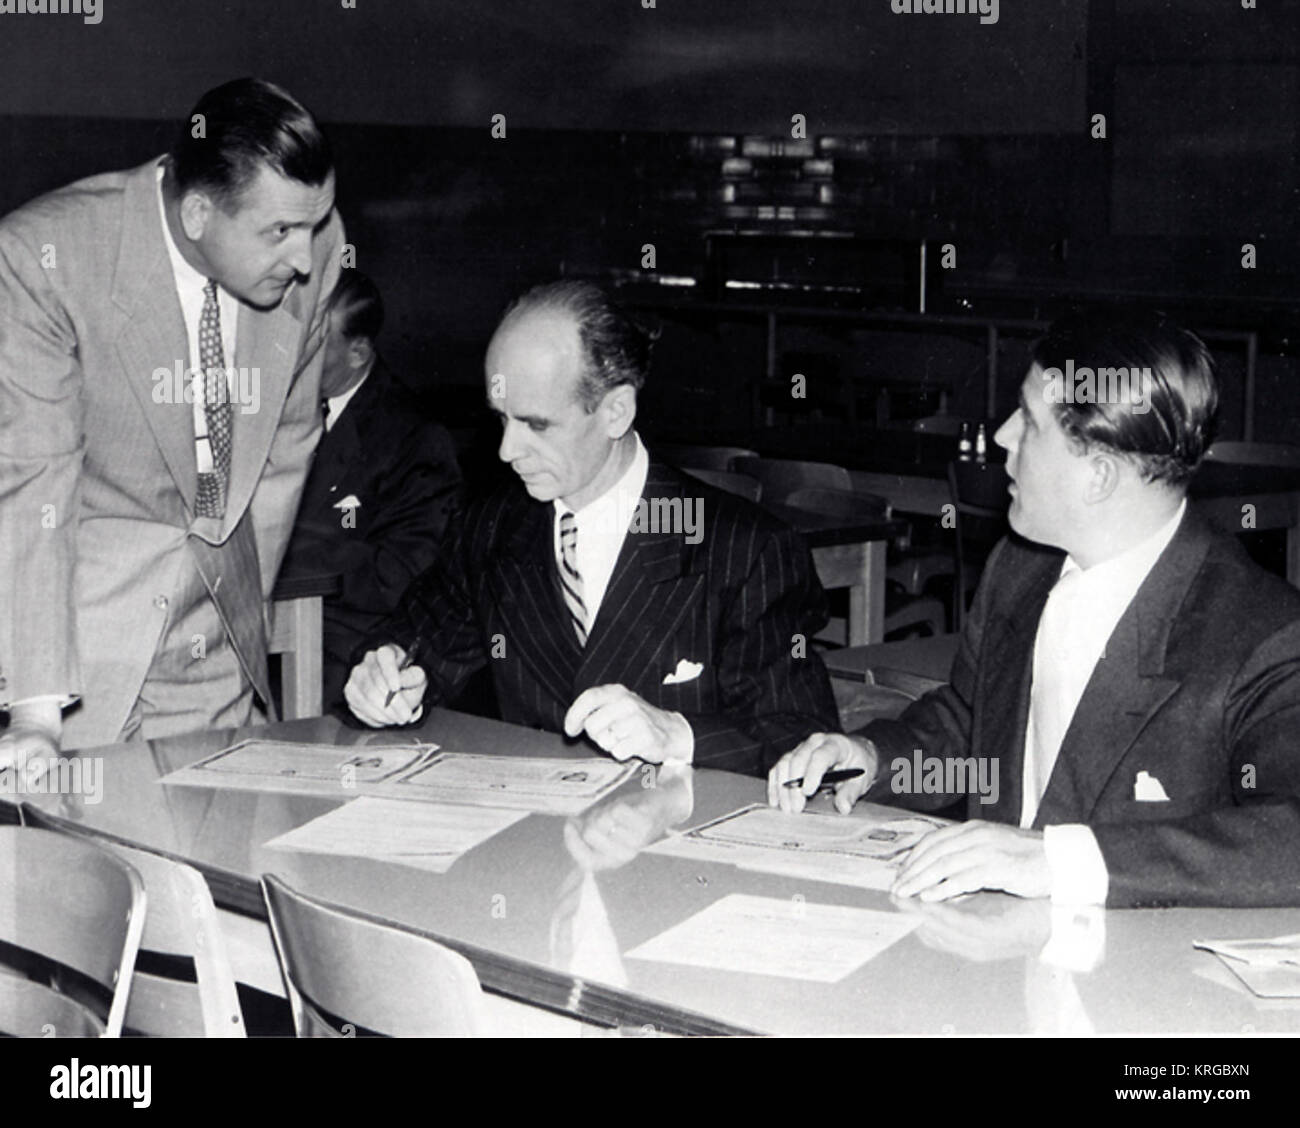 Unterzeichnung der Bürgerschaft Certificae, April 1955 (l und r) Martin Schilling, Ernst Stuhlinger, Dr. Wernher von Braun (MIX-DATEI) VonBraunCitizenship Stockfoto